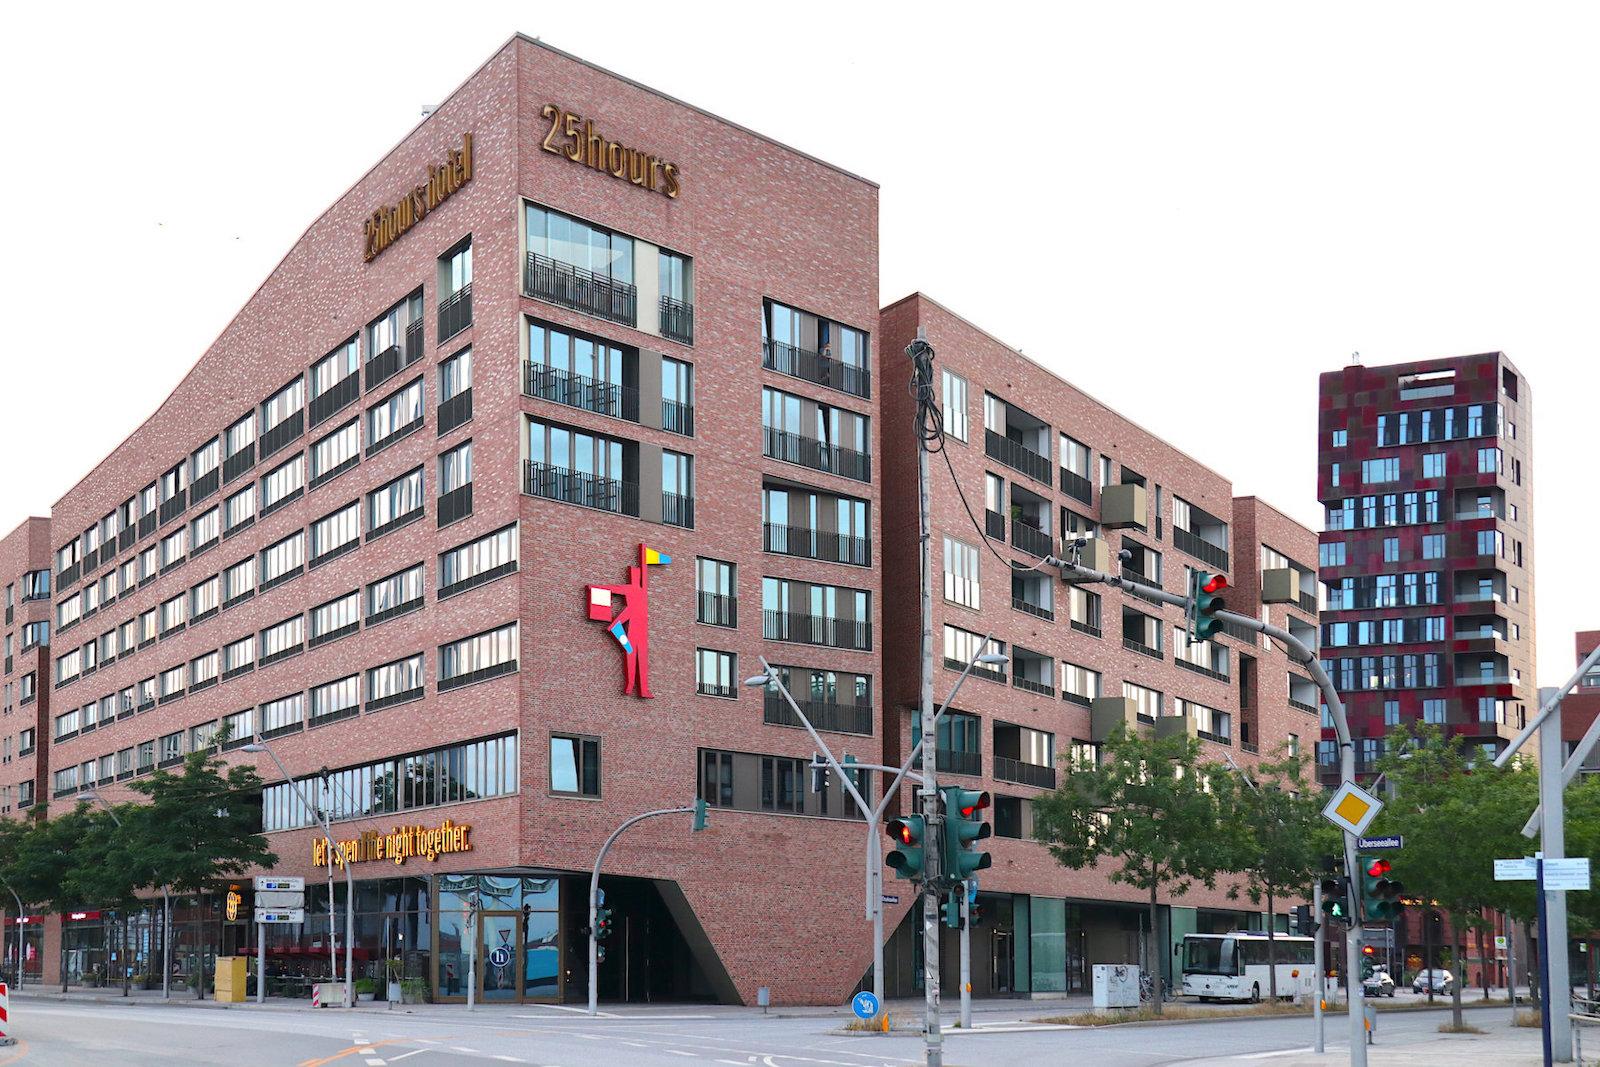 25hours Hotel Hafencity. Entwurf: Böge Lindner 2K Architekten, Hamburg. Fertigstellung: 2011